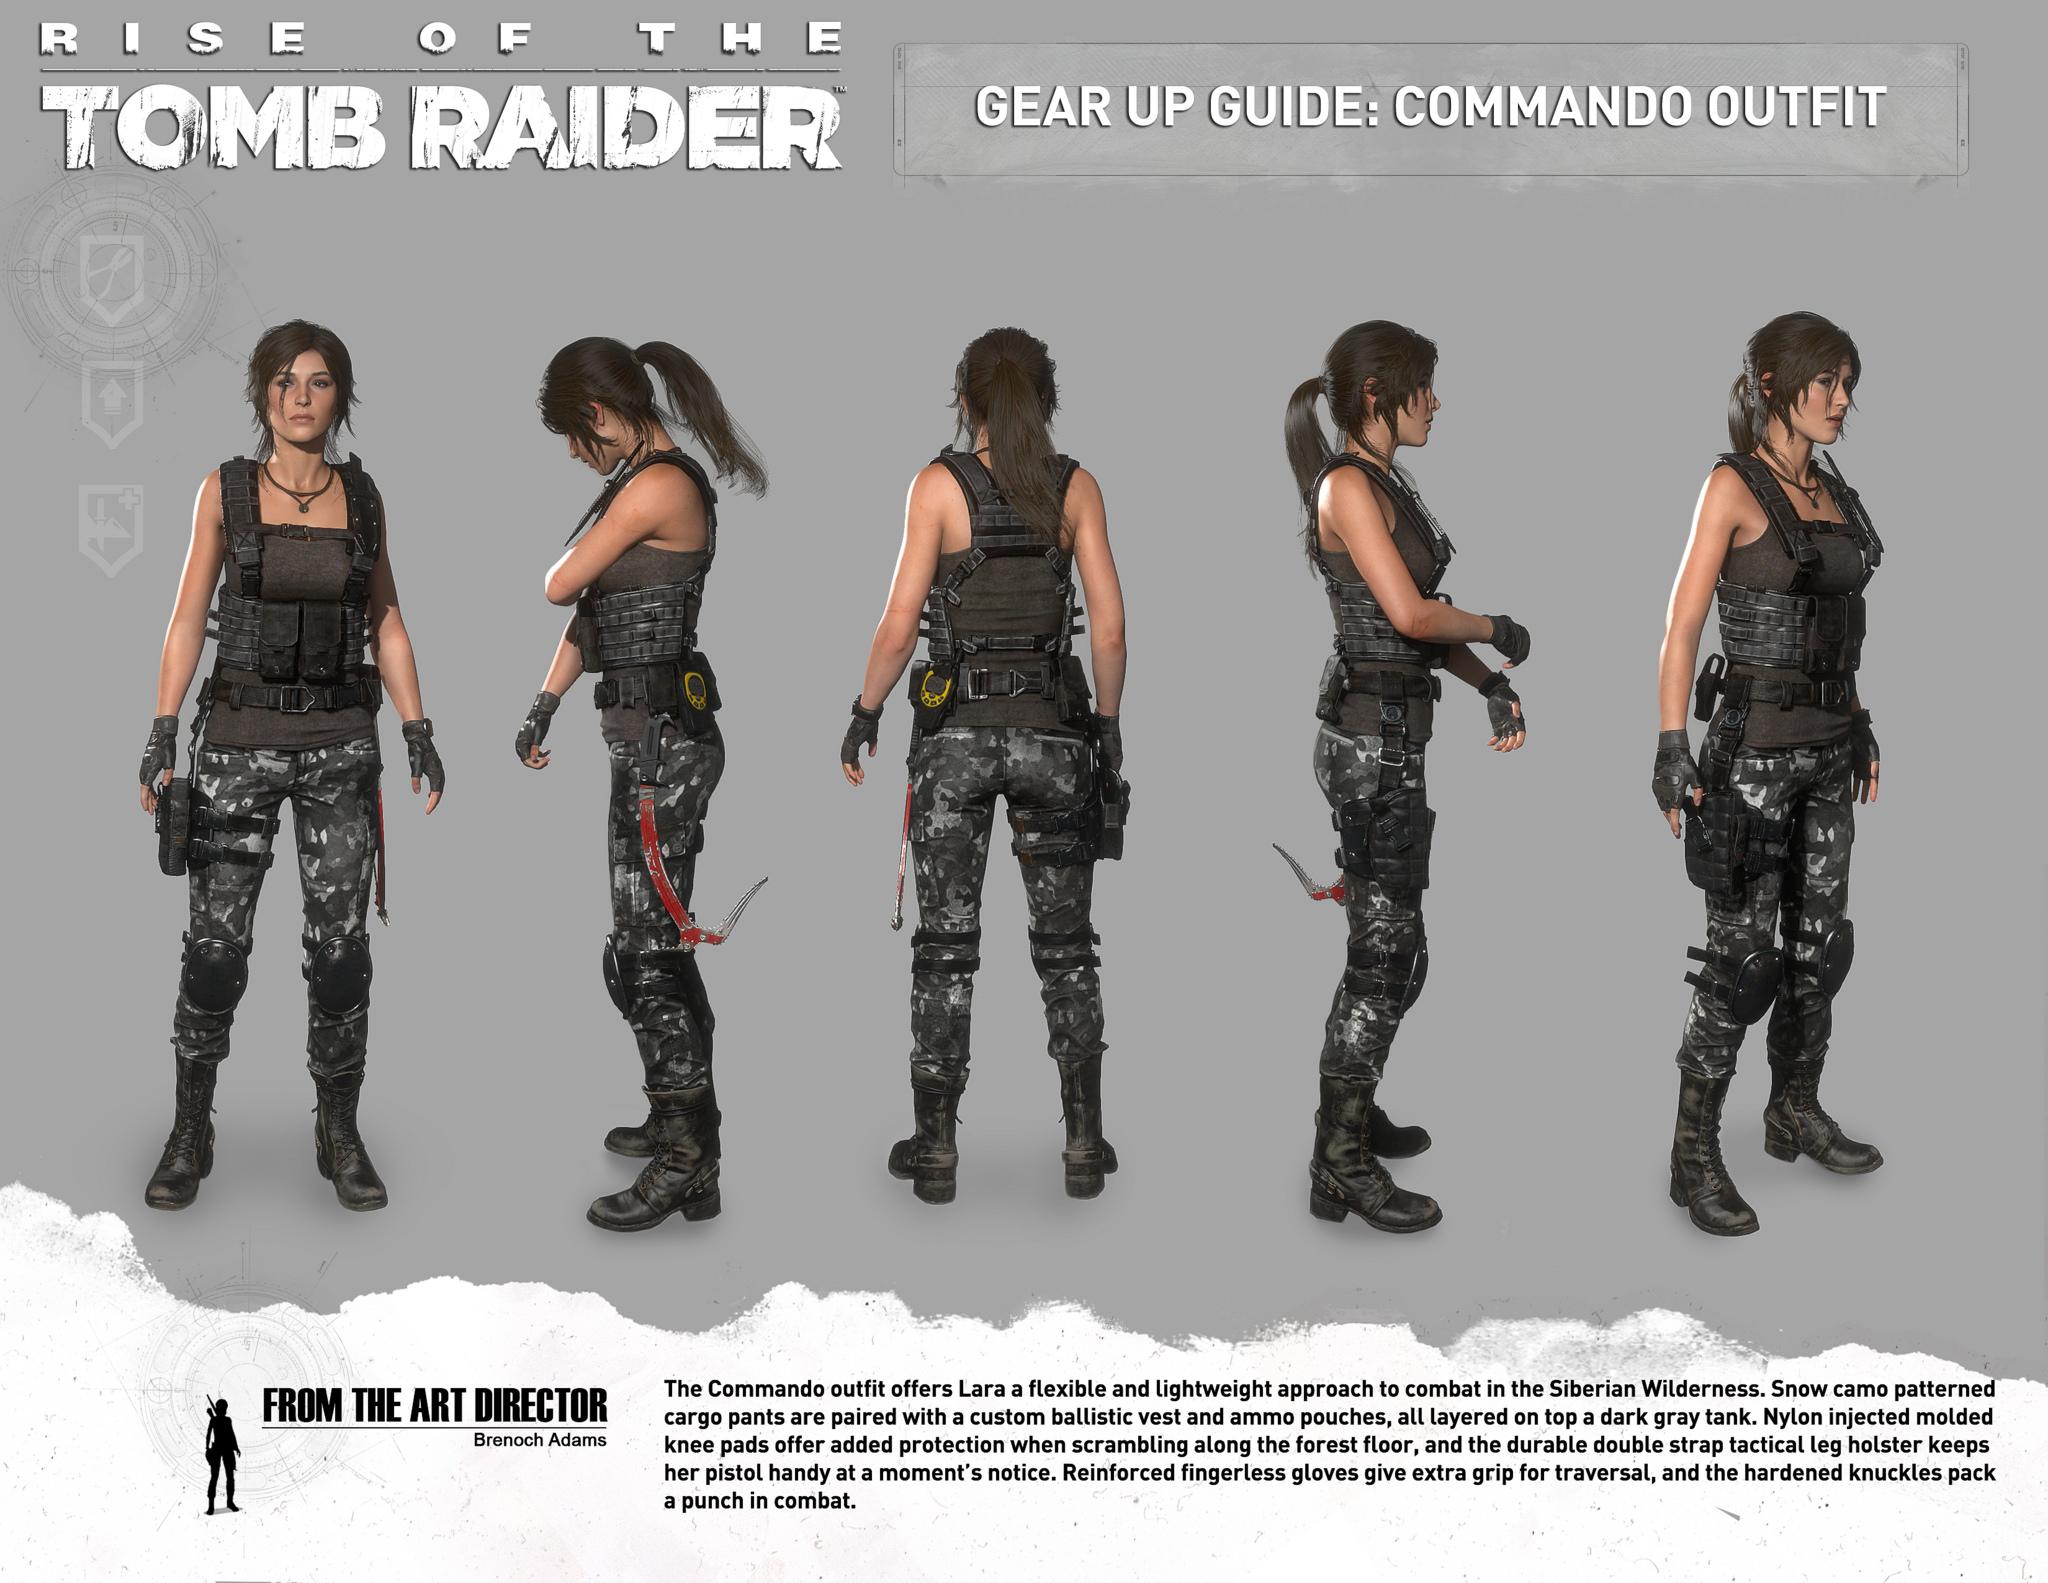 Gear Up Guide 12 Commando Outfit News Aspidetr Com